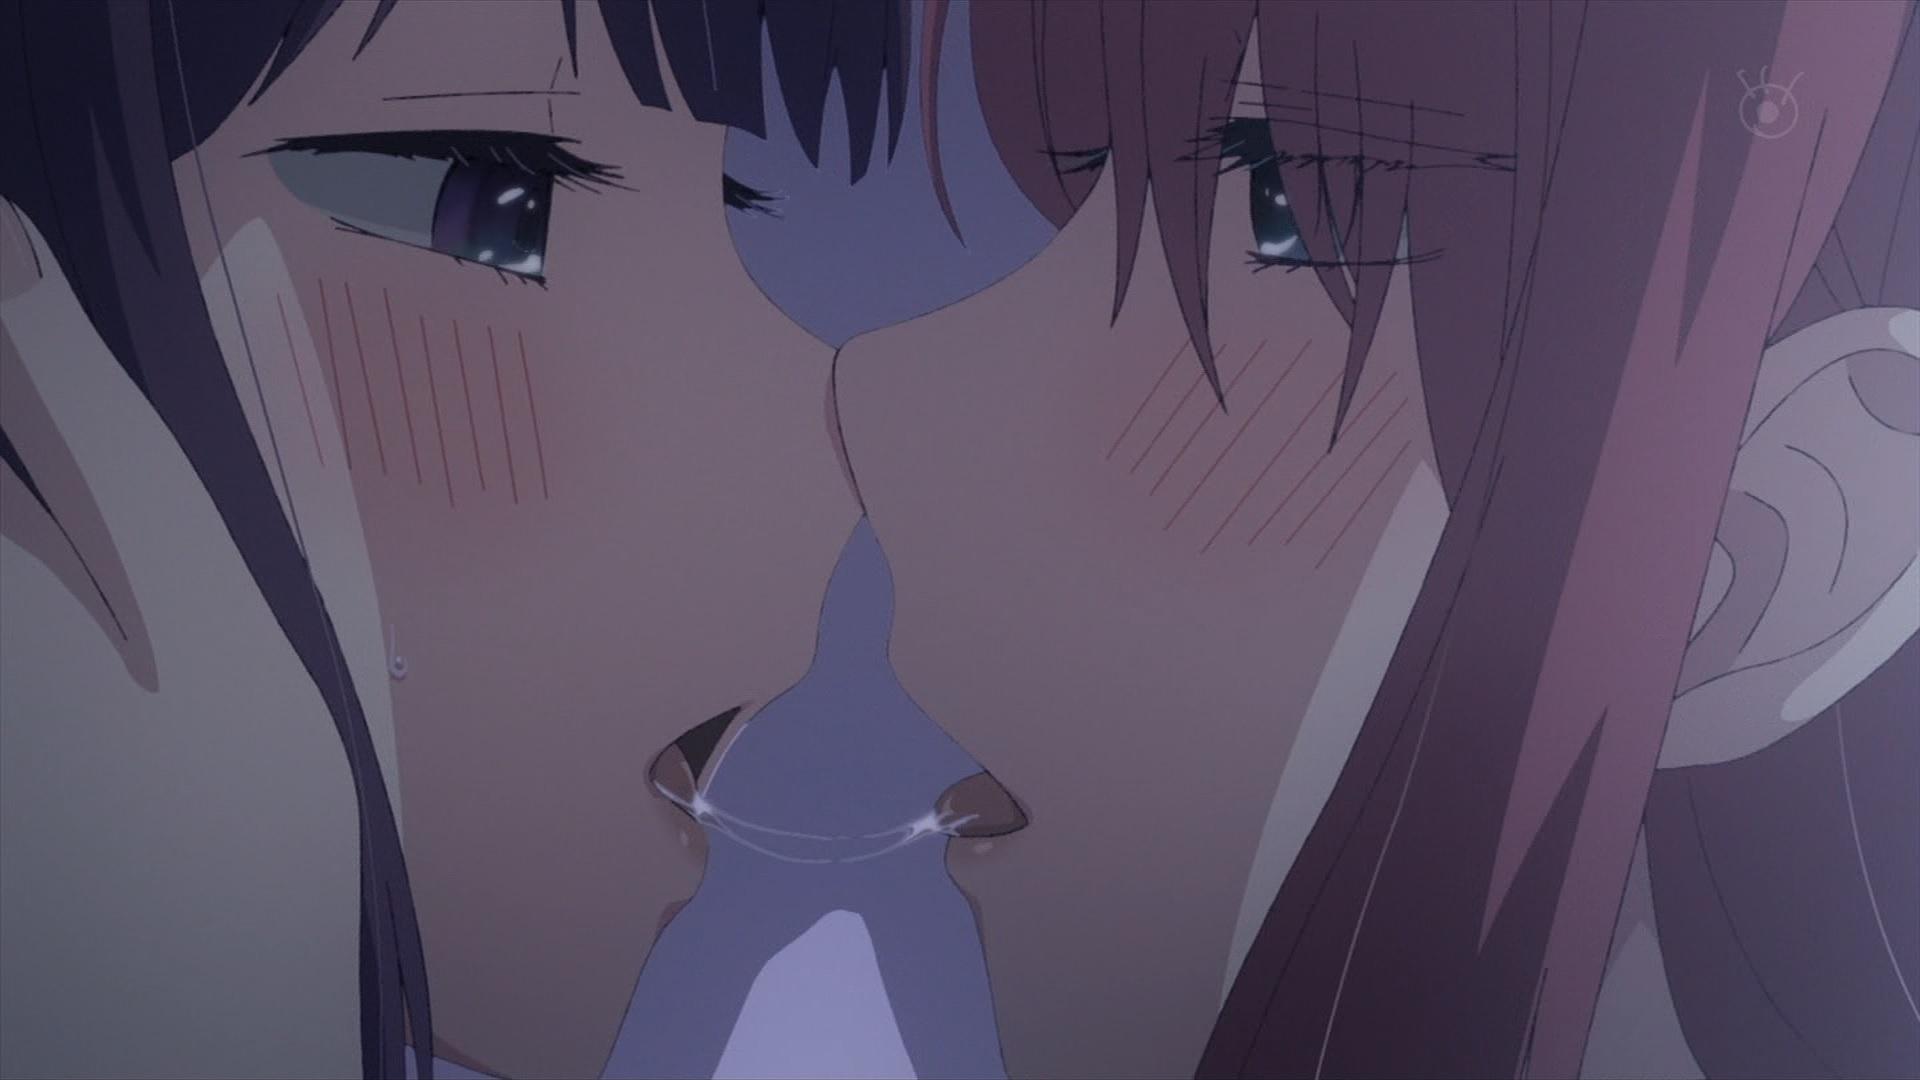 【クズの本懐】第3話感想 本懐第1号はえっちゃん(絵鳩早苗)!